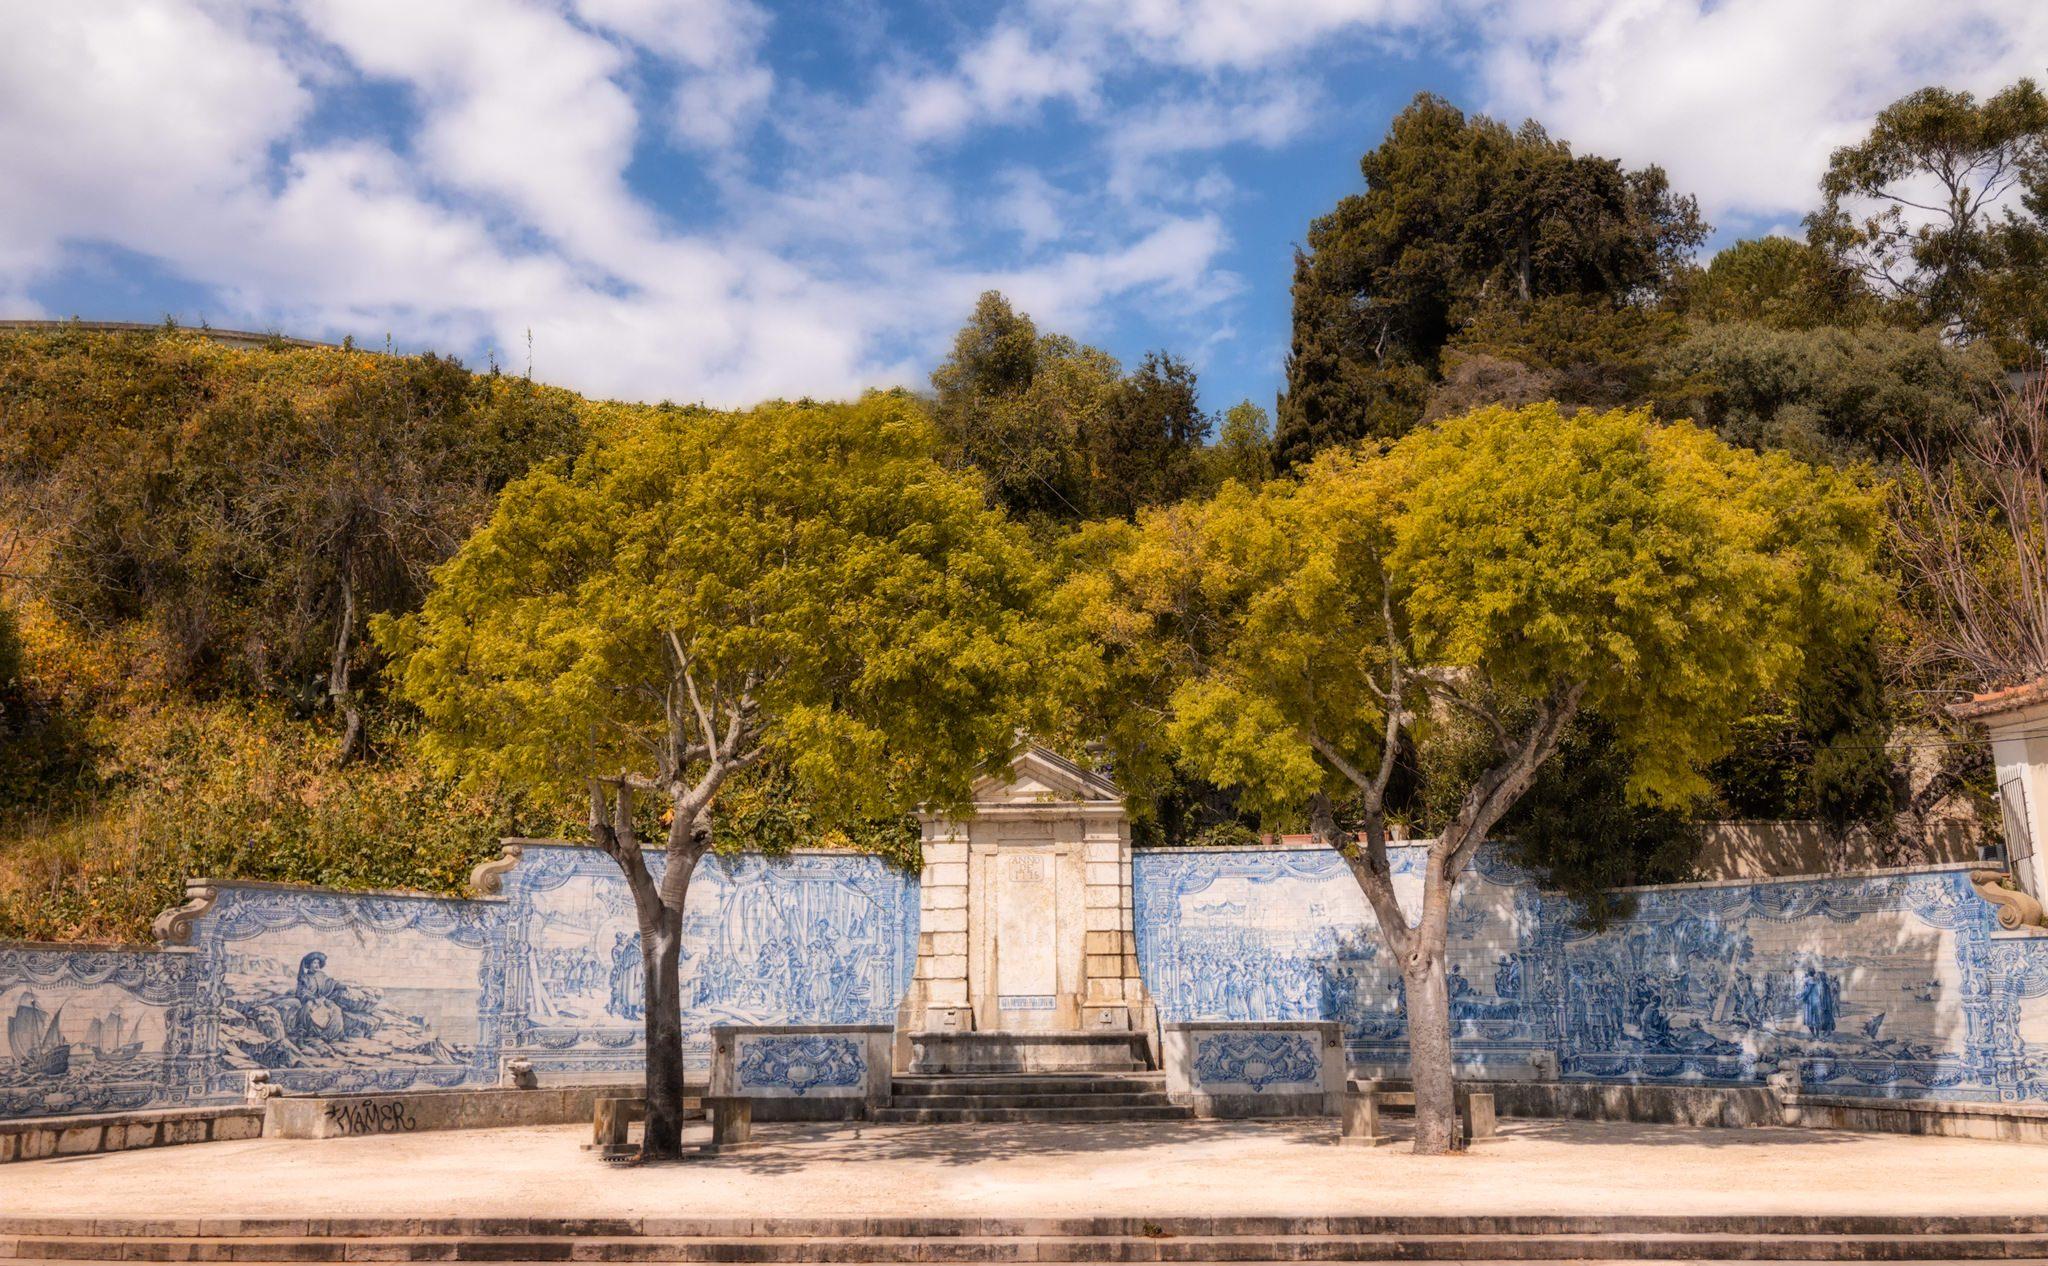 Bild von Azulejo in Lissabon; Portugal